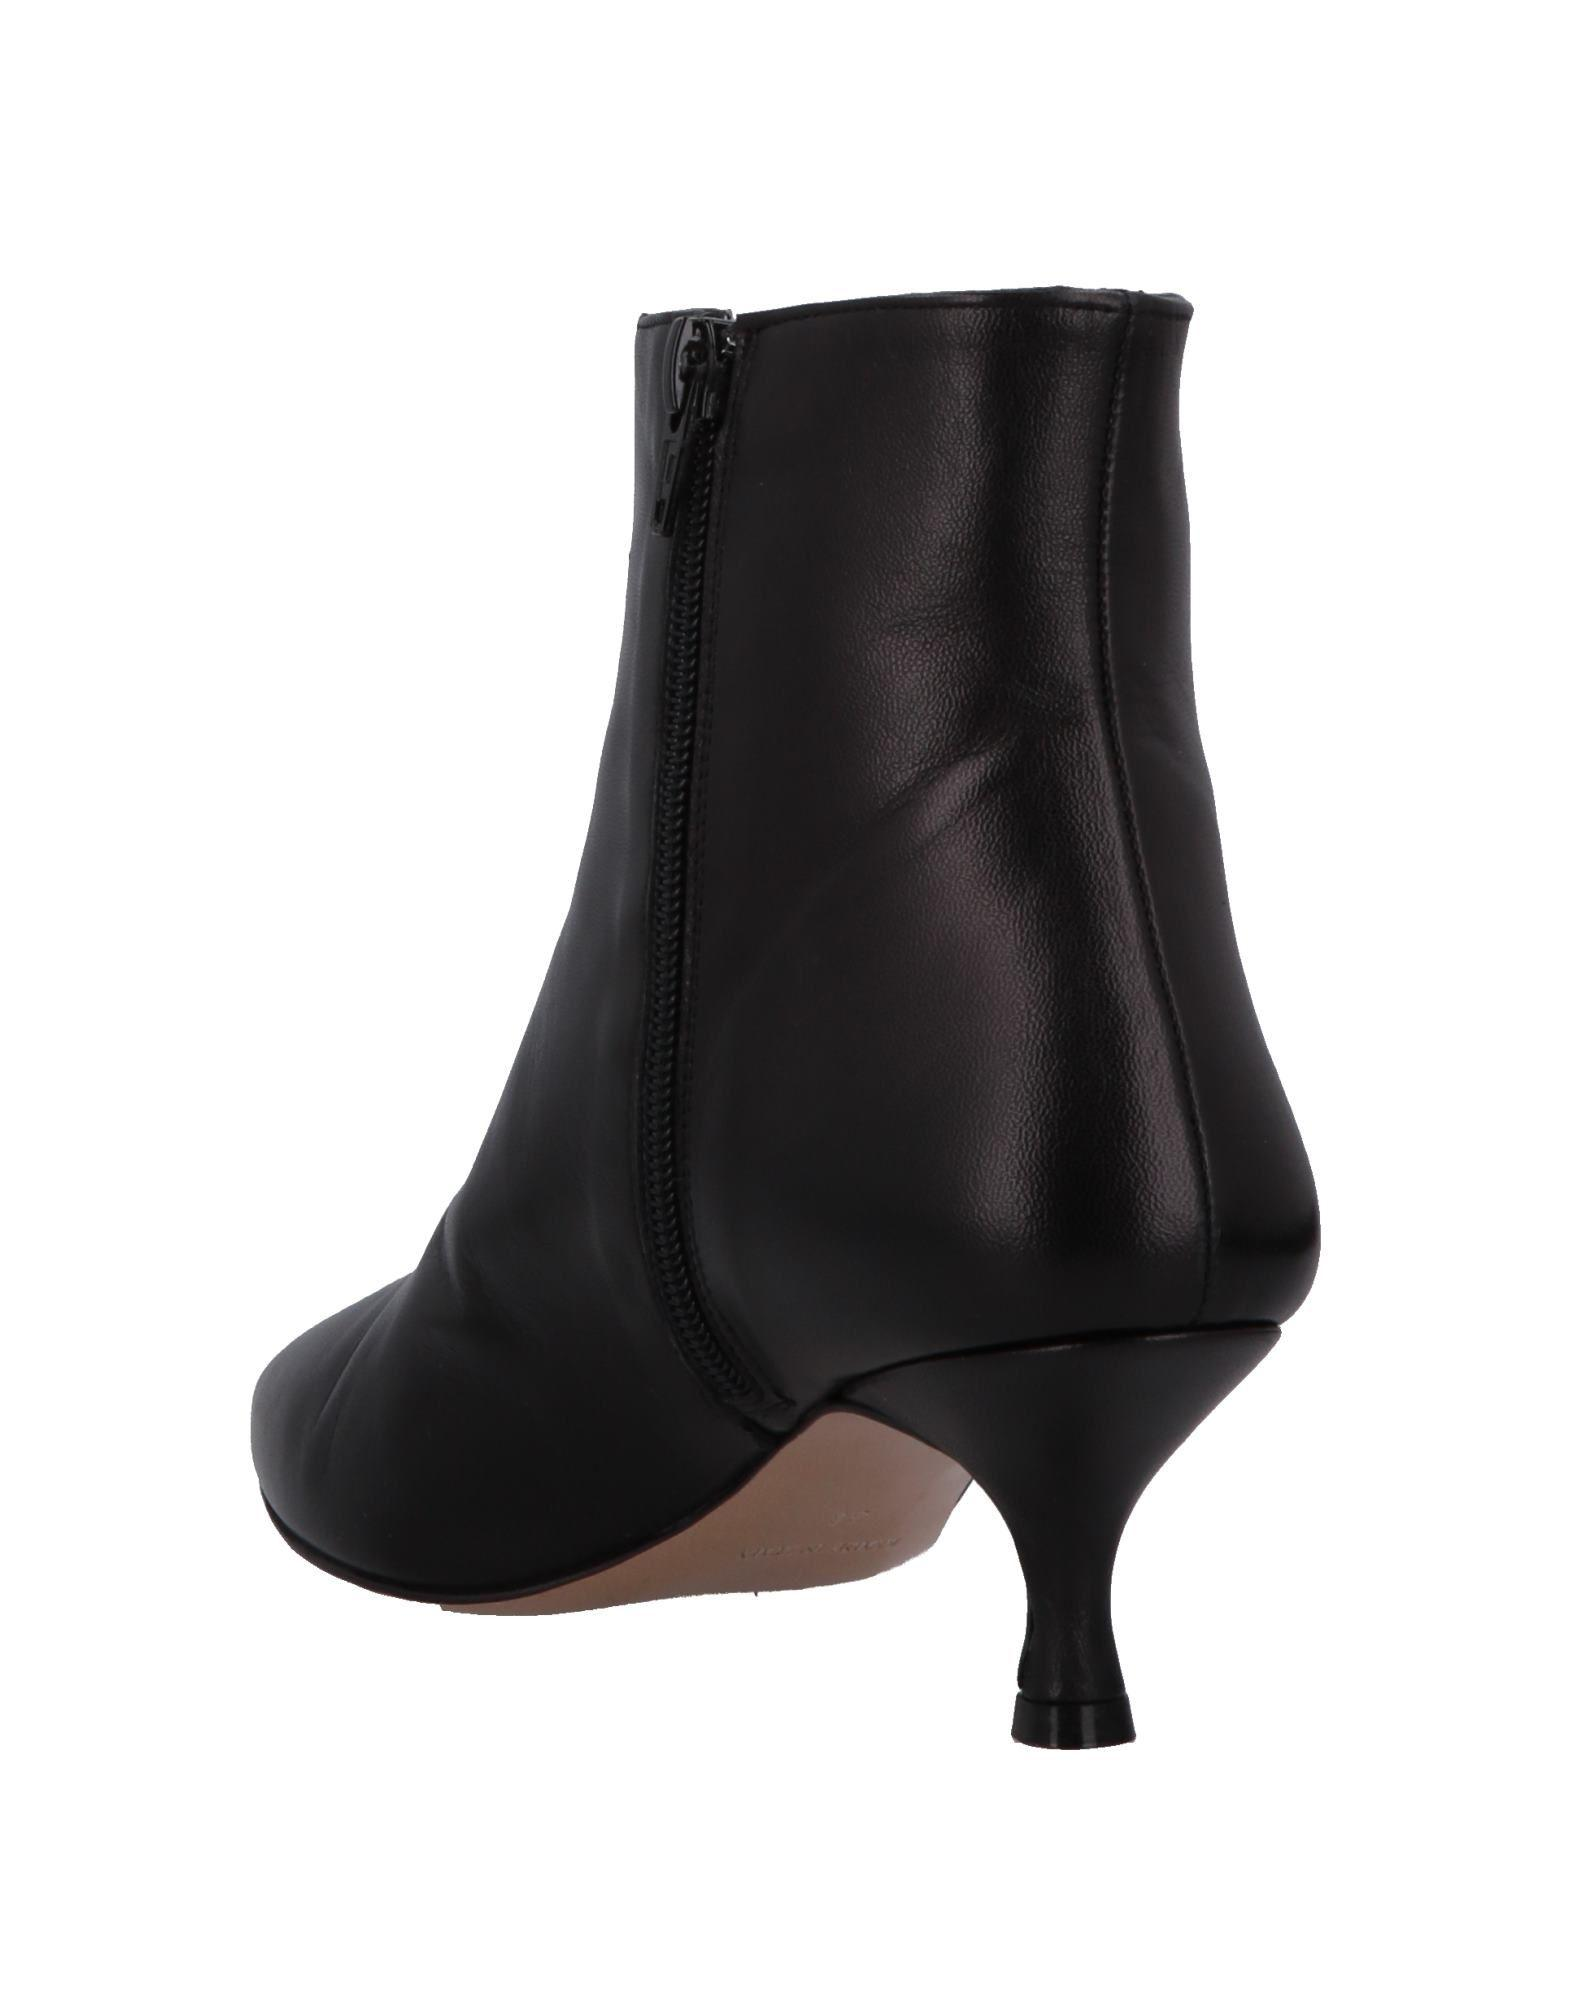 8bfa6dda1f42 Lyst - Lea-Gu Ankle Boots in Black